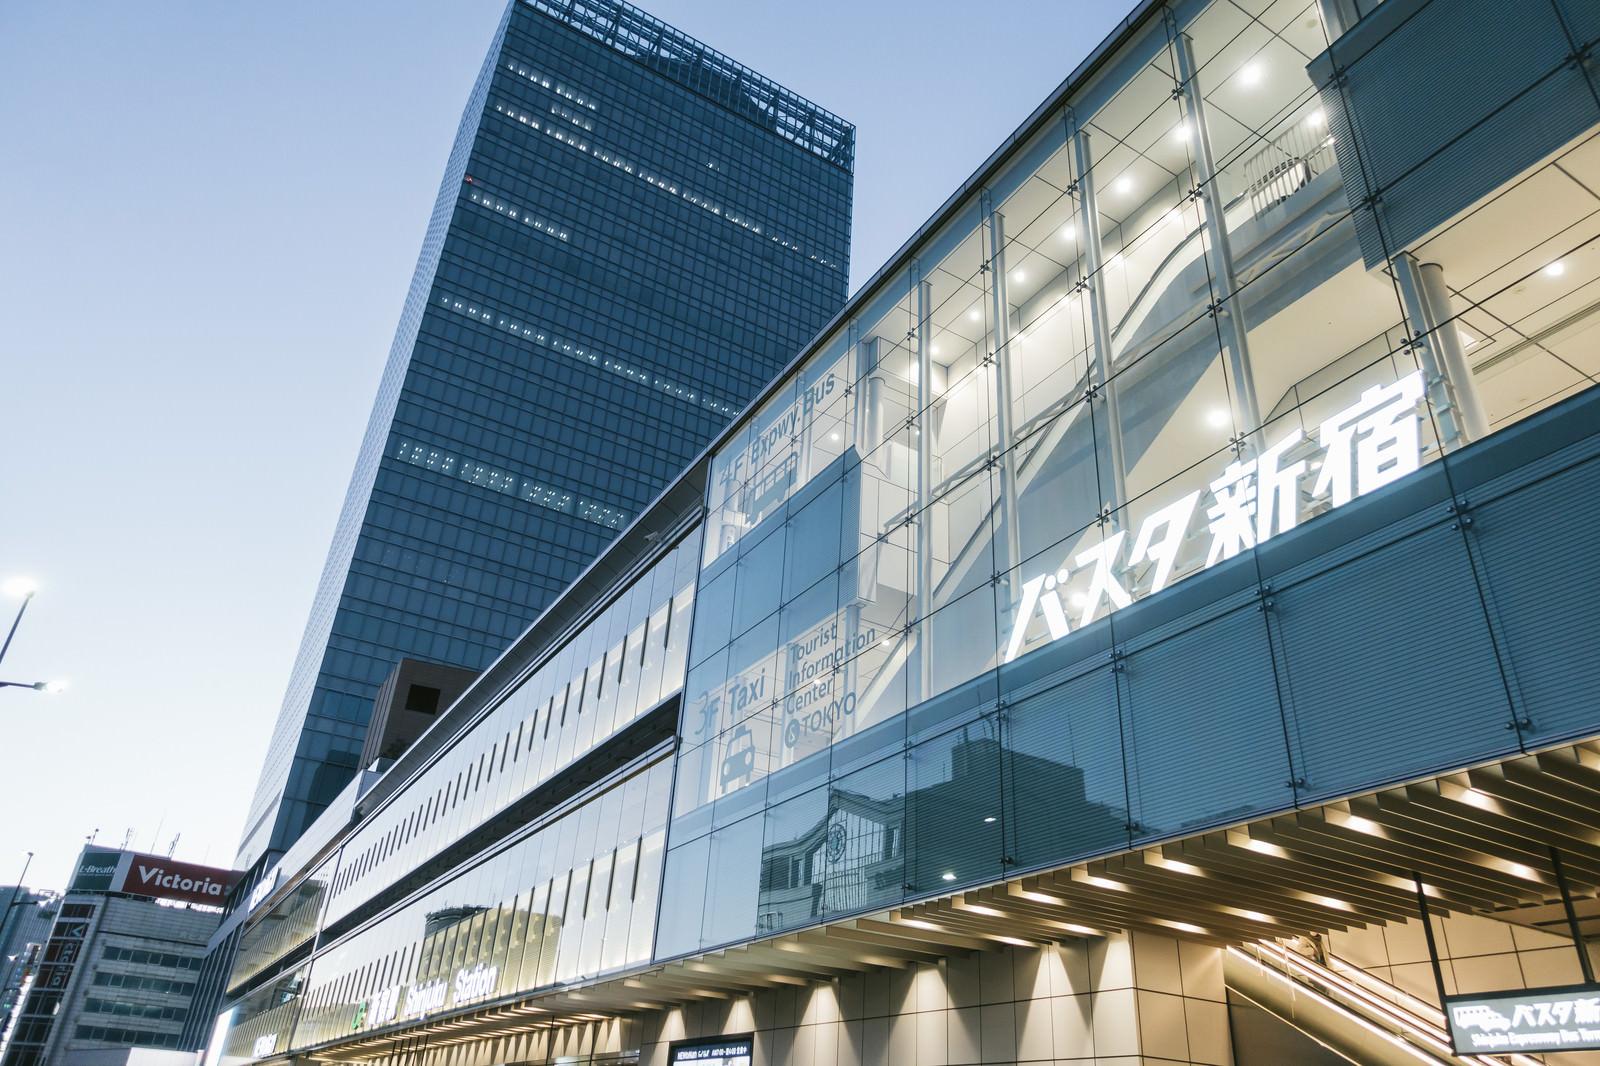 「バスタ新宿駅」の写真